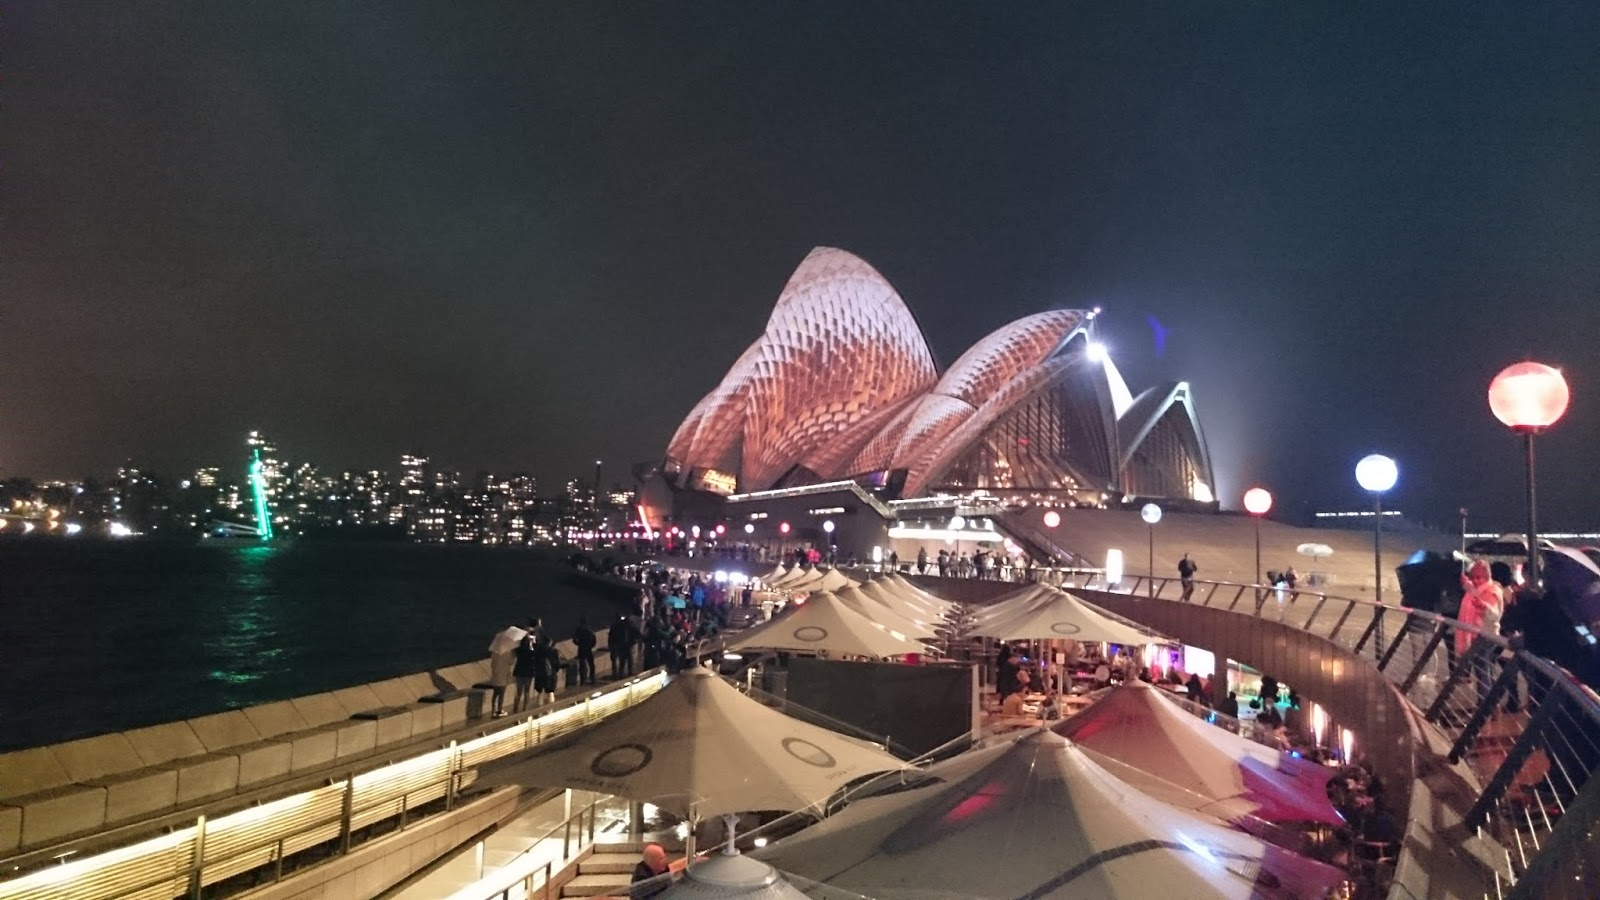 """Kết quả hình ảnh cho """"Nhà hát con sò"""" lung linh trong Lễ hội ánh sáng Vivid Sydney 2017"""